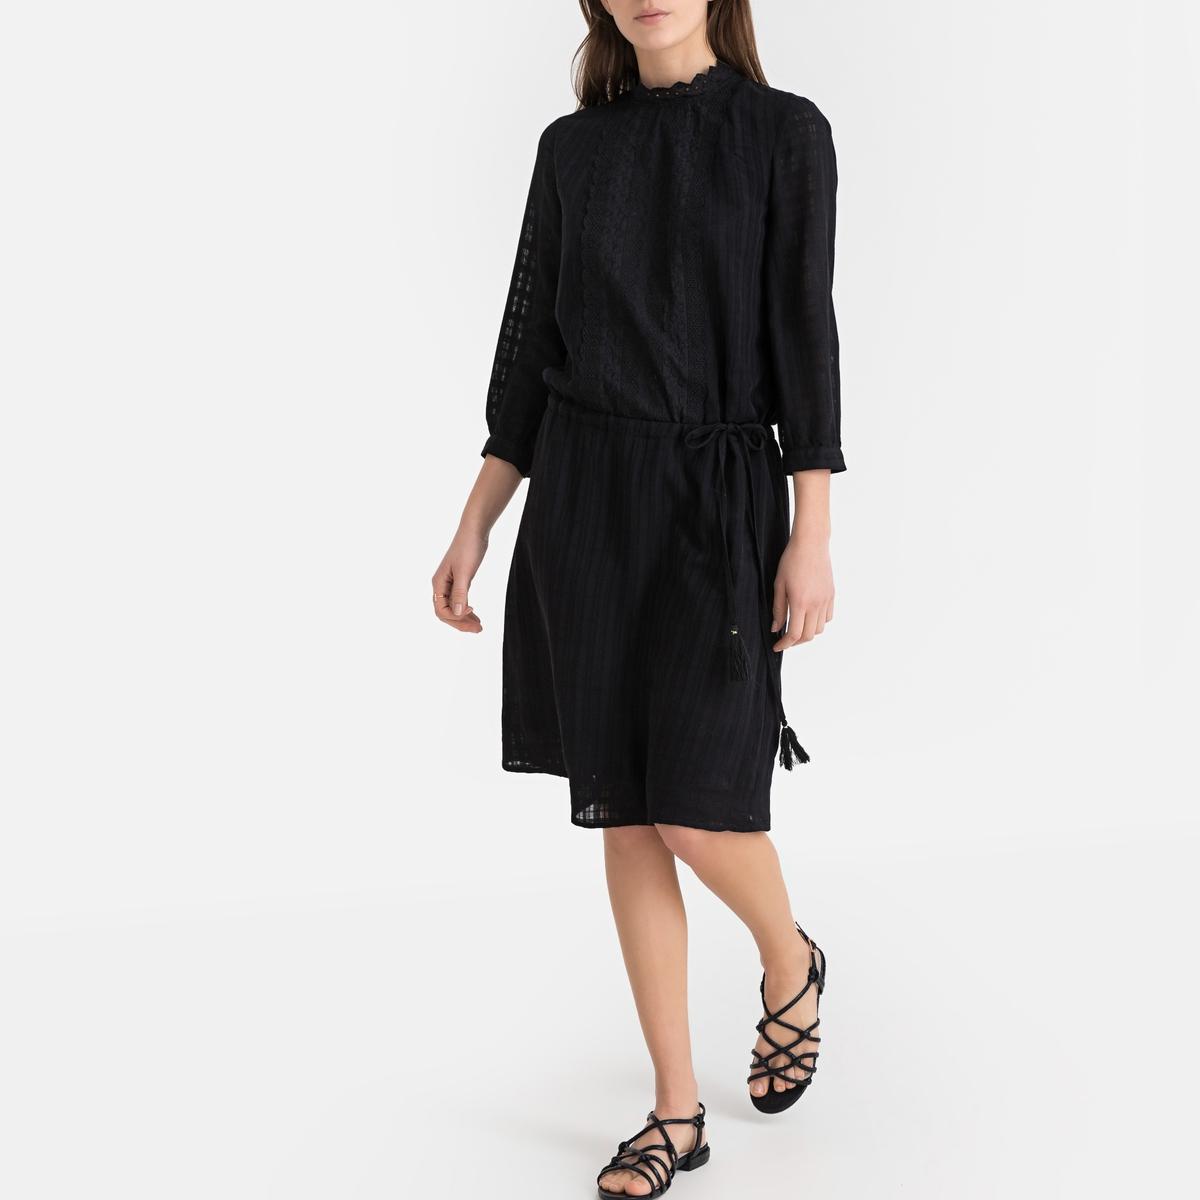 Платье La Redoute С воротником-стойкой и рукавами 34 (FR) - 40 (RUS) черный платье свитшот la redoute с воротником стойкой и застежкой на молнию сзади 34 fr 40 rus серый